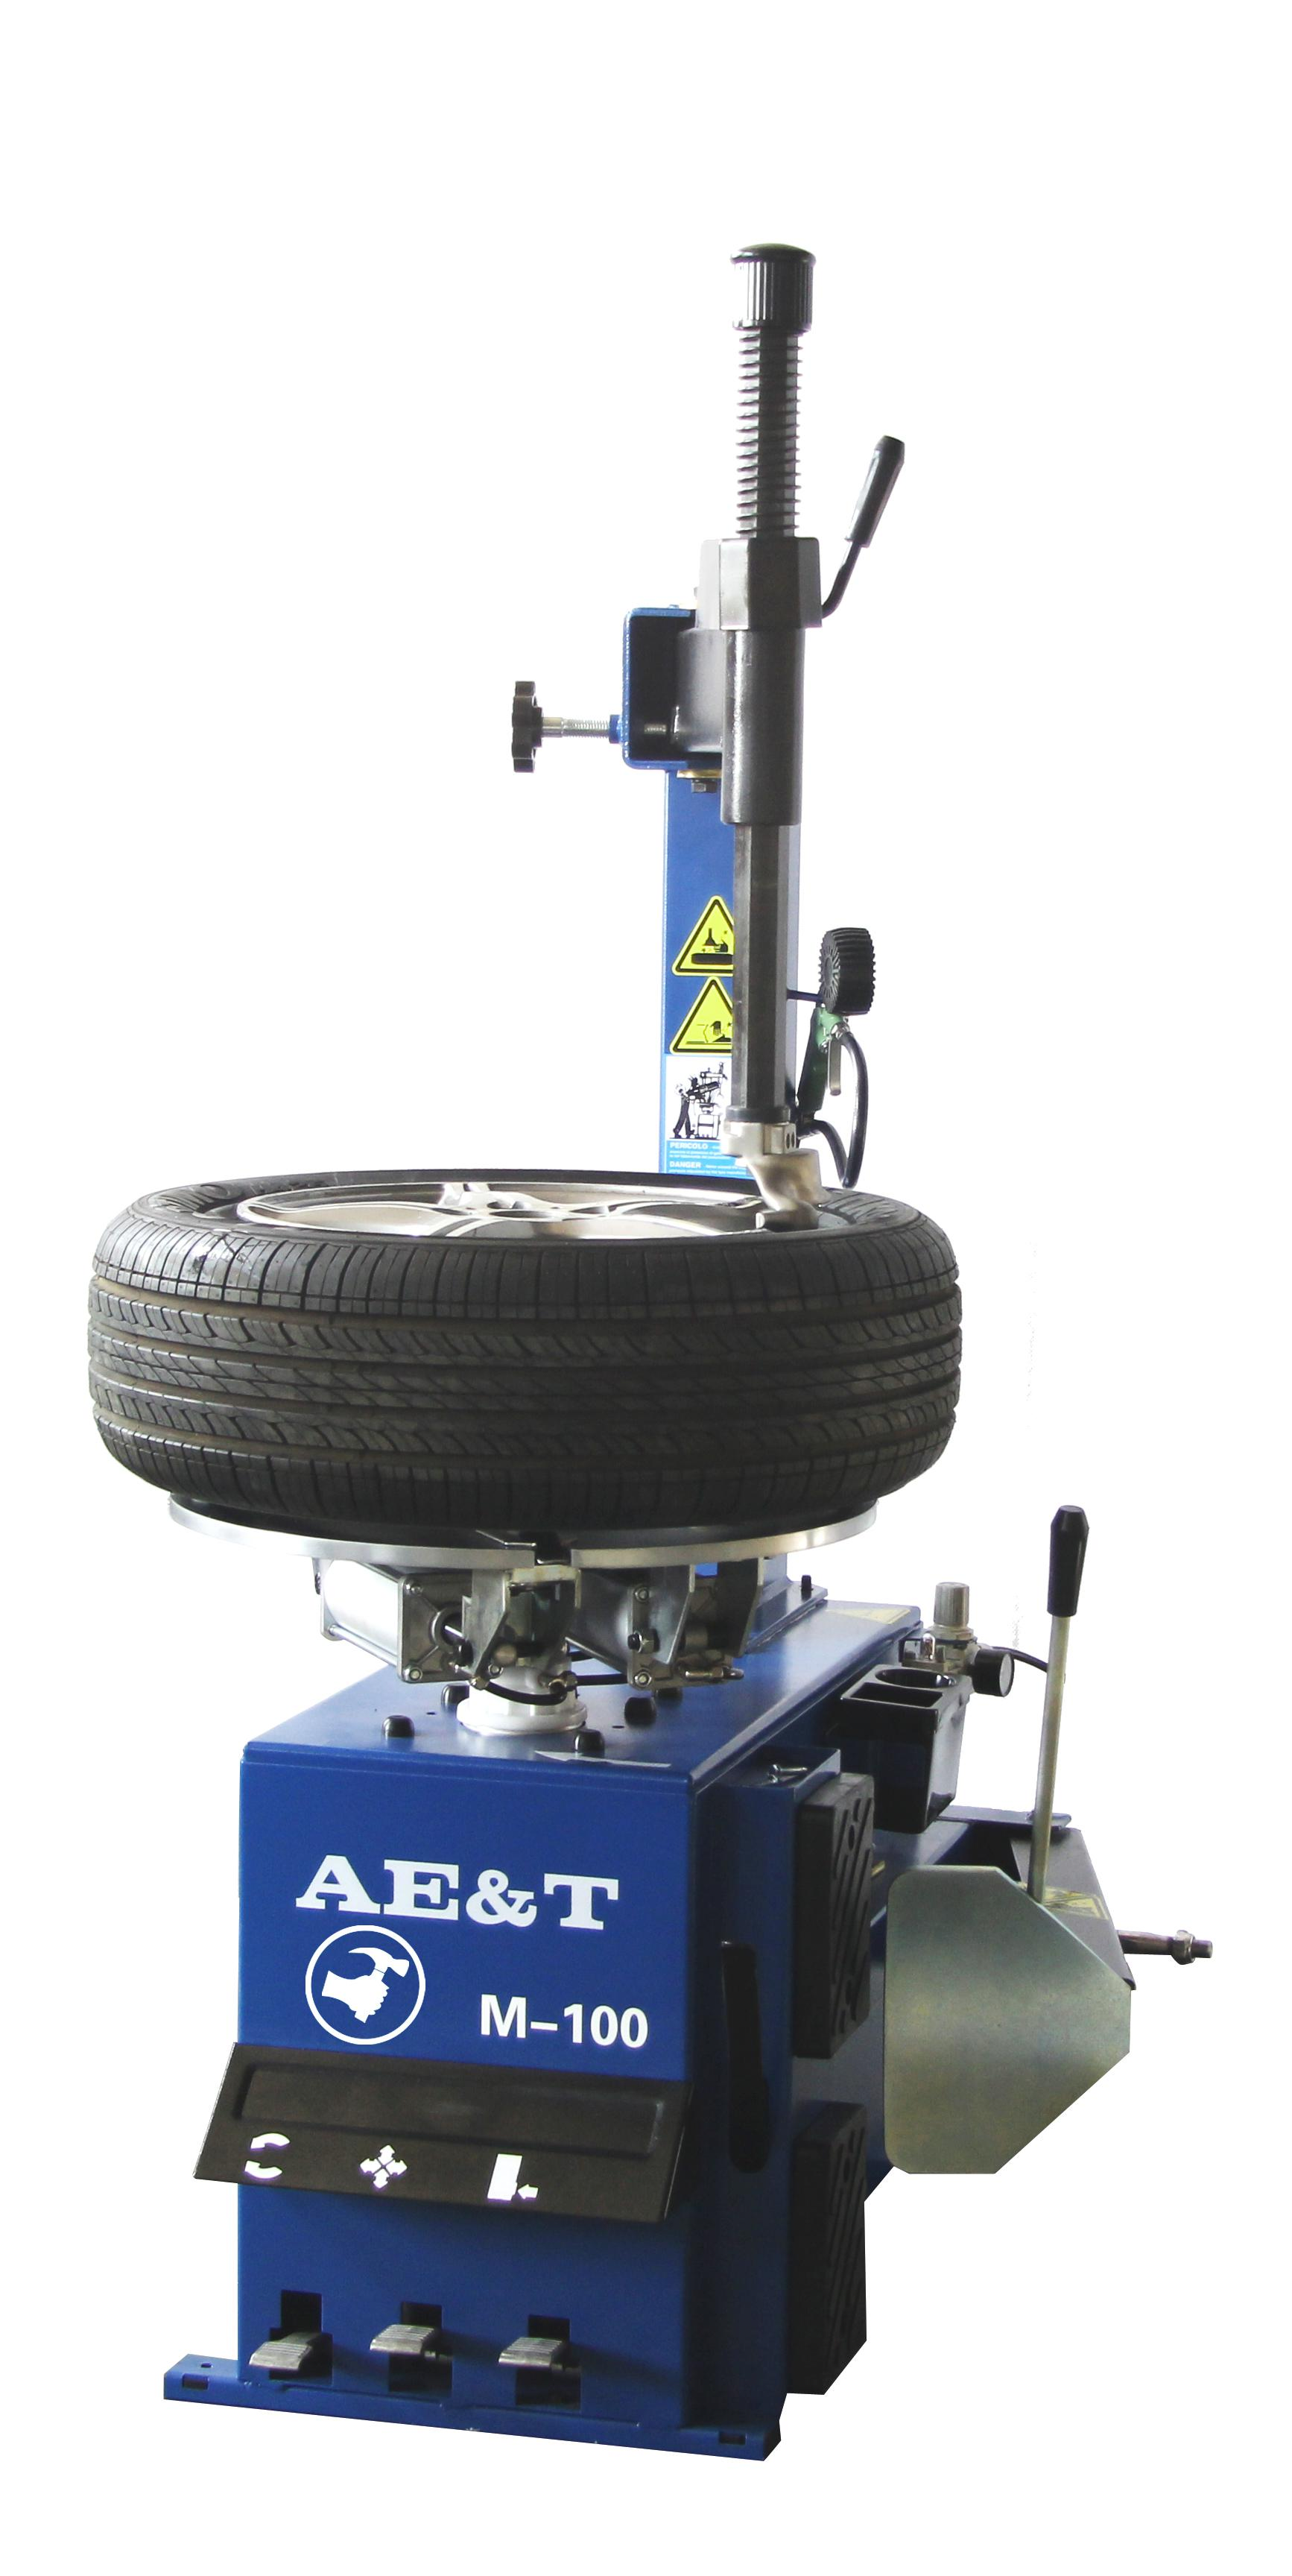 Станок шиномонтажный Ae&t M-100 380b